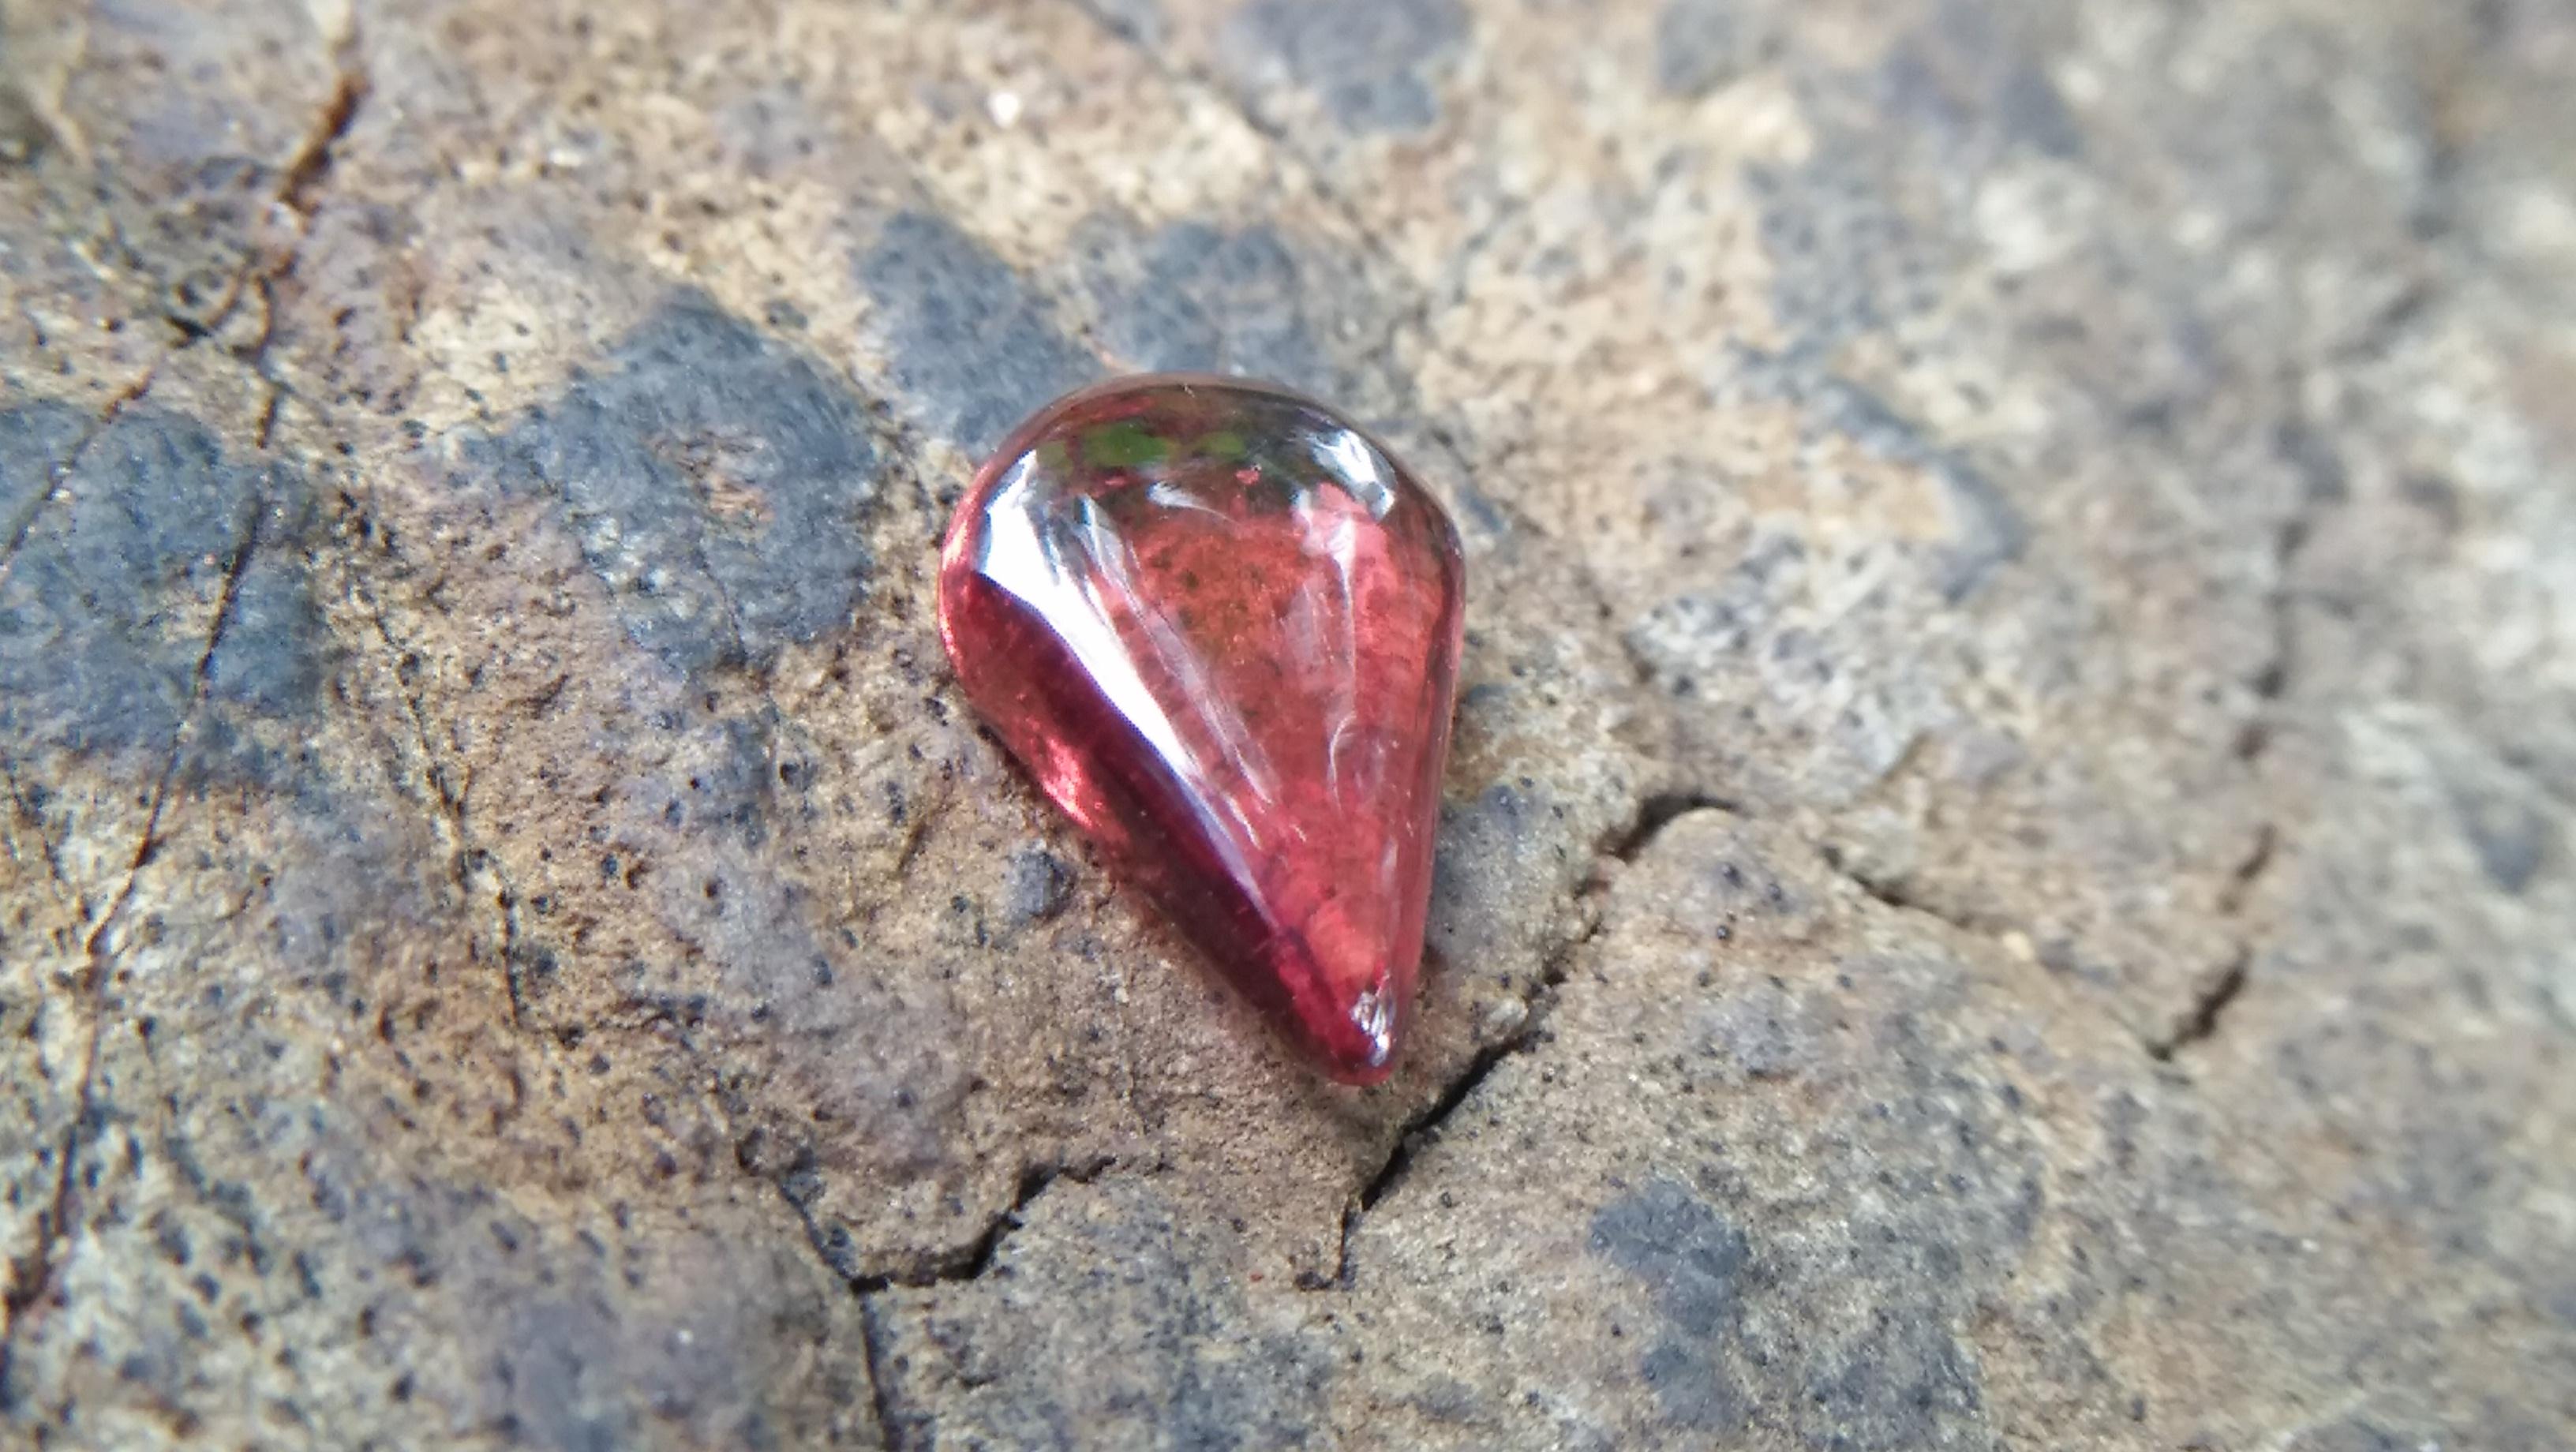 Ceylon Natural Garnet Drop Weight: 1.15Cts Dimension: 8.4mm x 5.7mm x 2.5mm Mineral: Ratapura, Sri Lanka Colour: Red